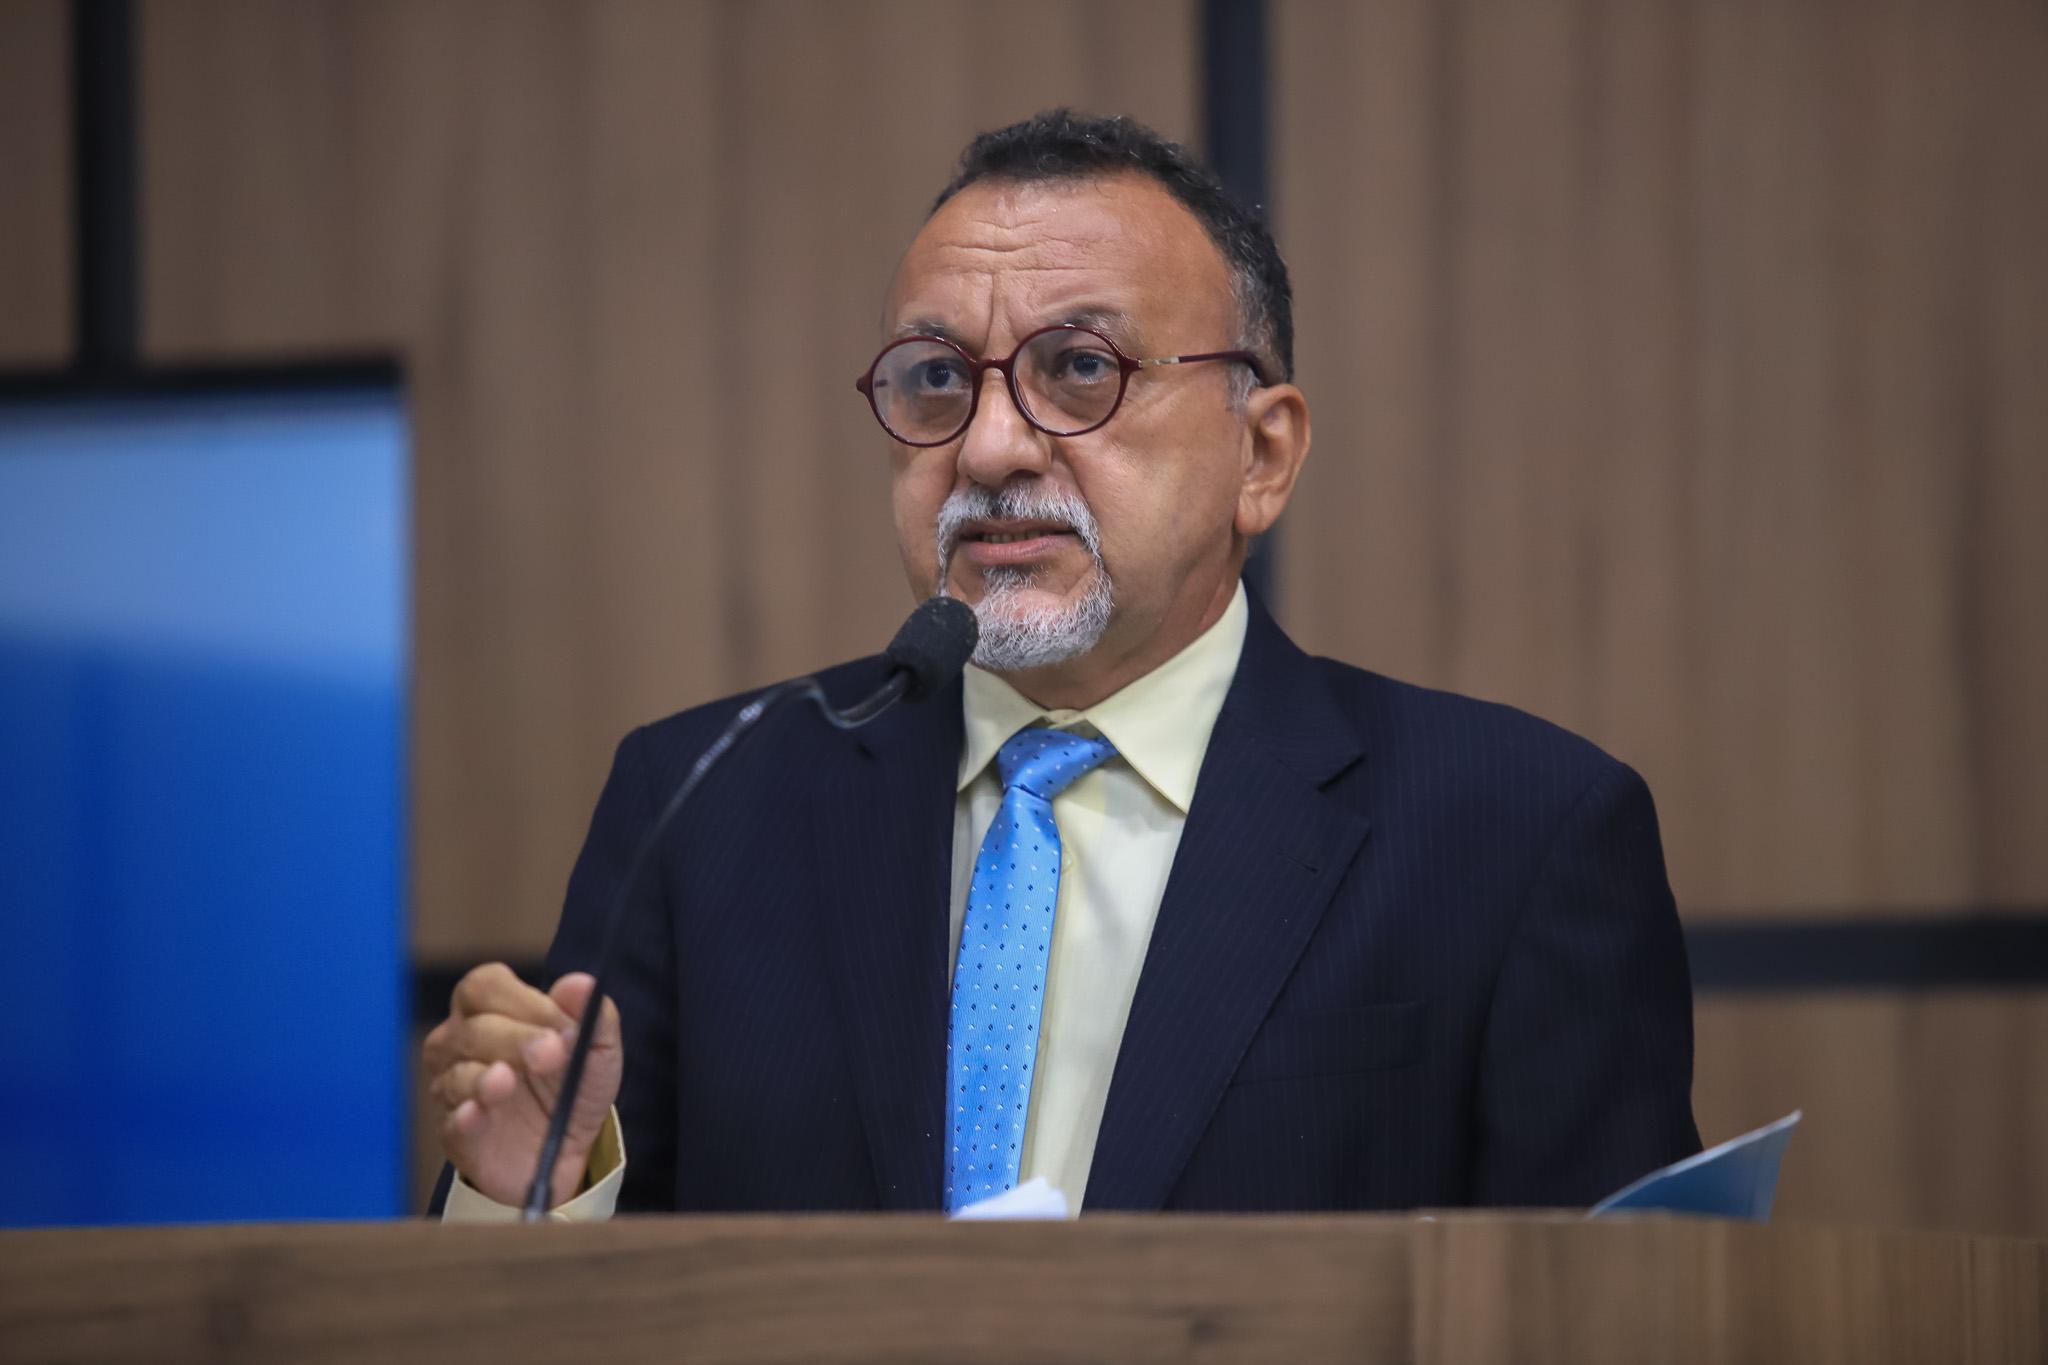 Zé Gonçalves relata vida de luta e respeito e descarta ataques pessoais em seu mandato